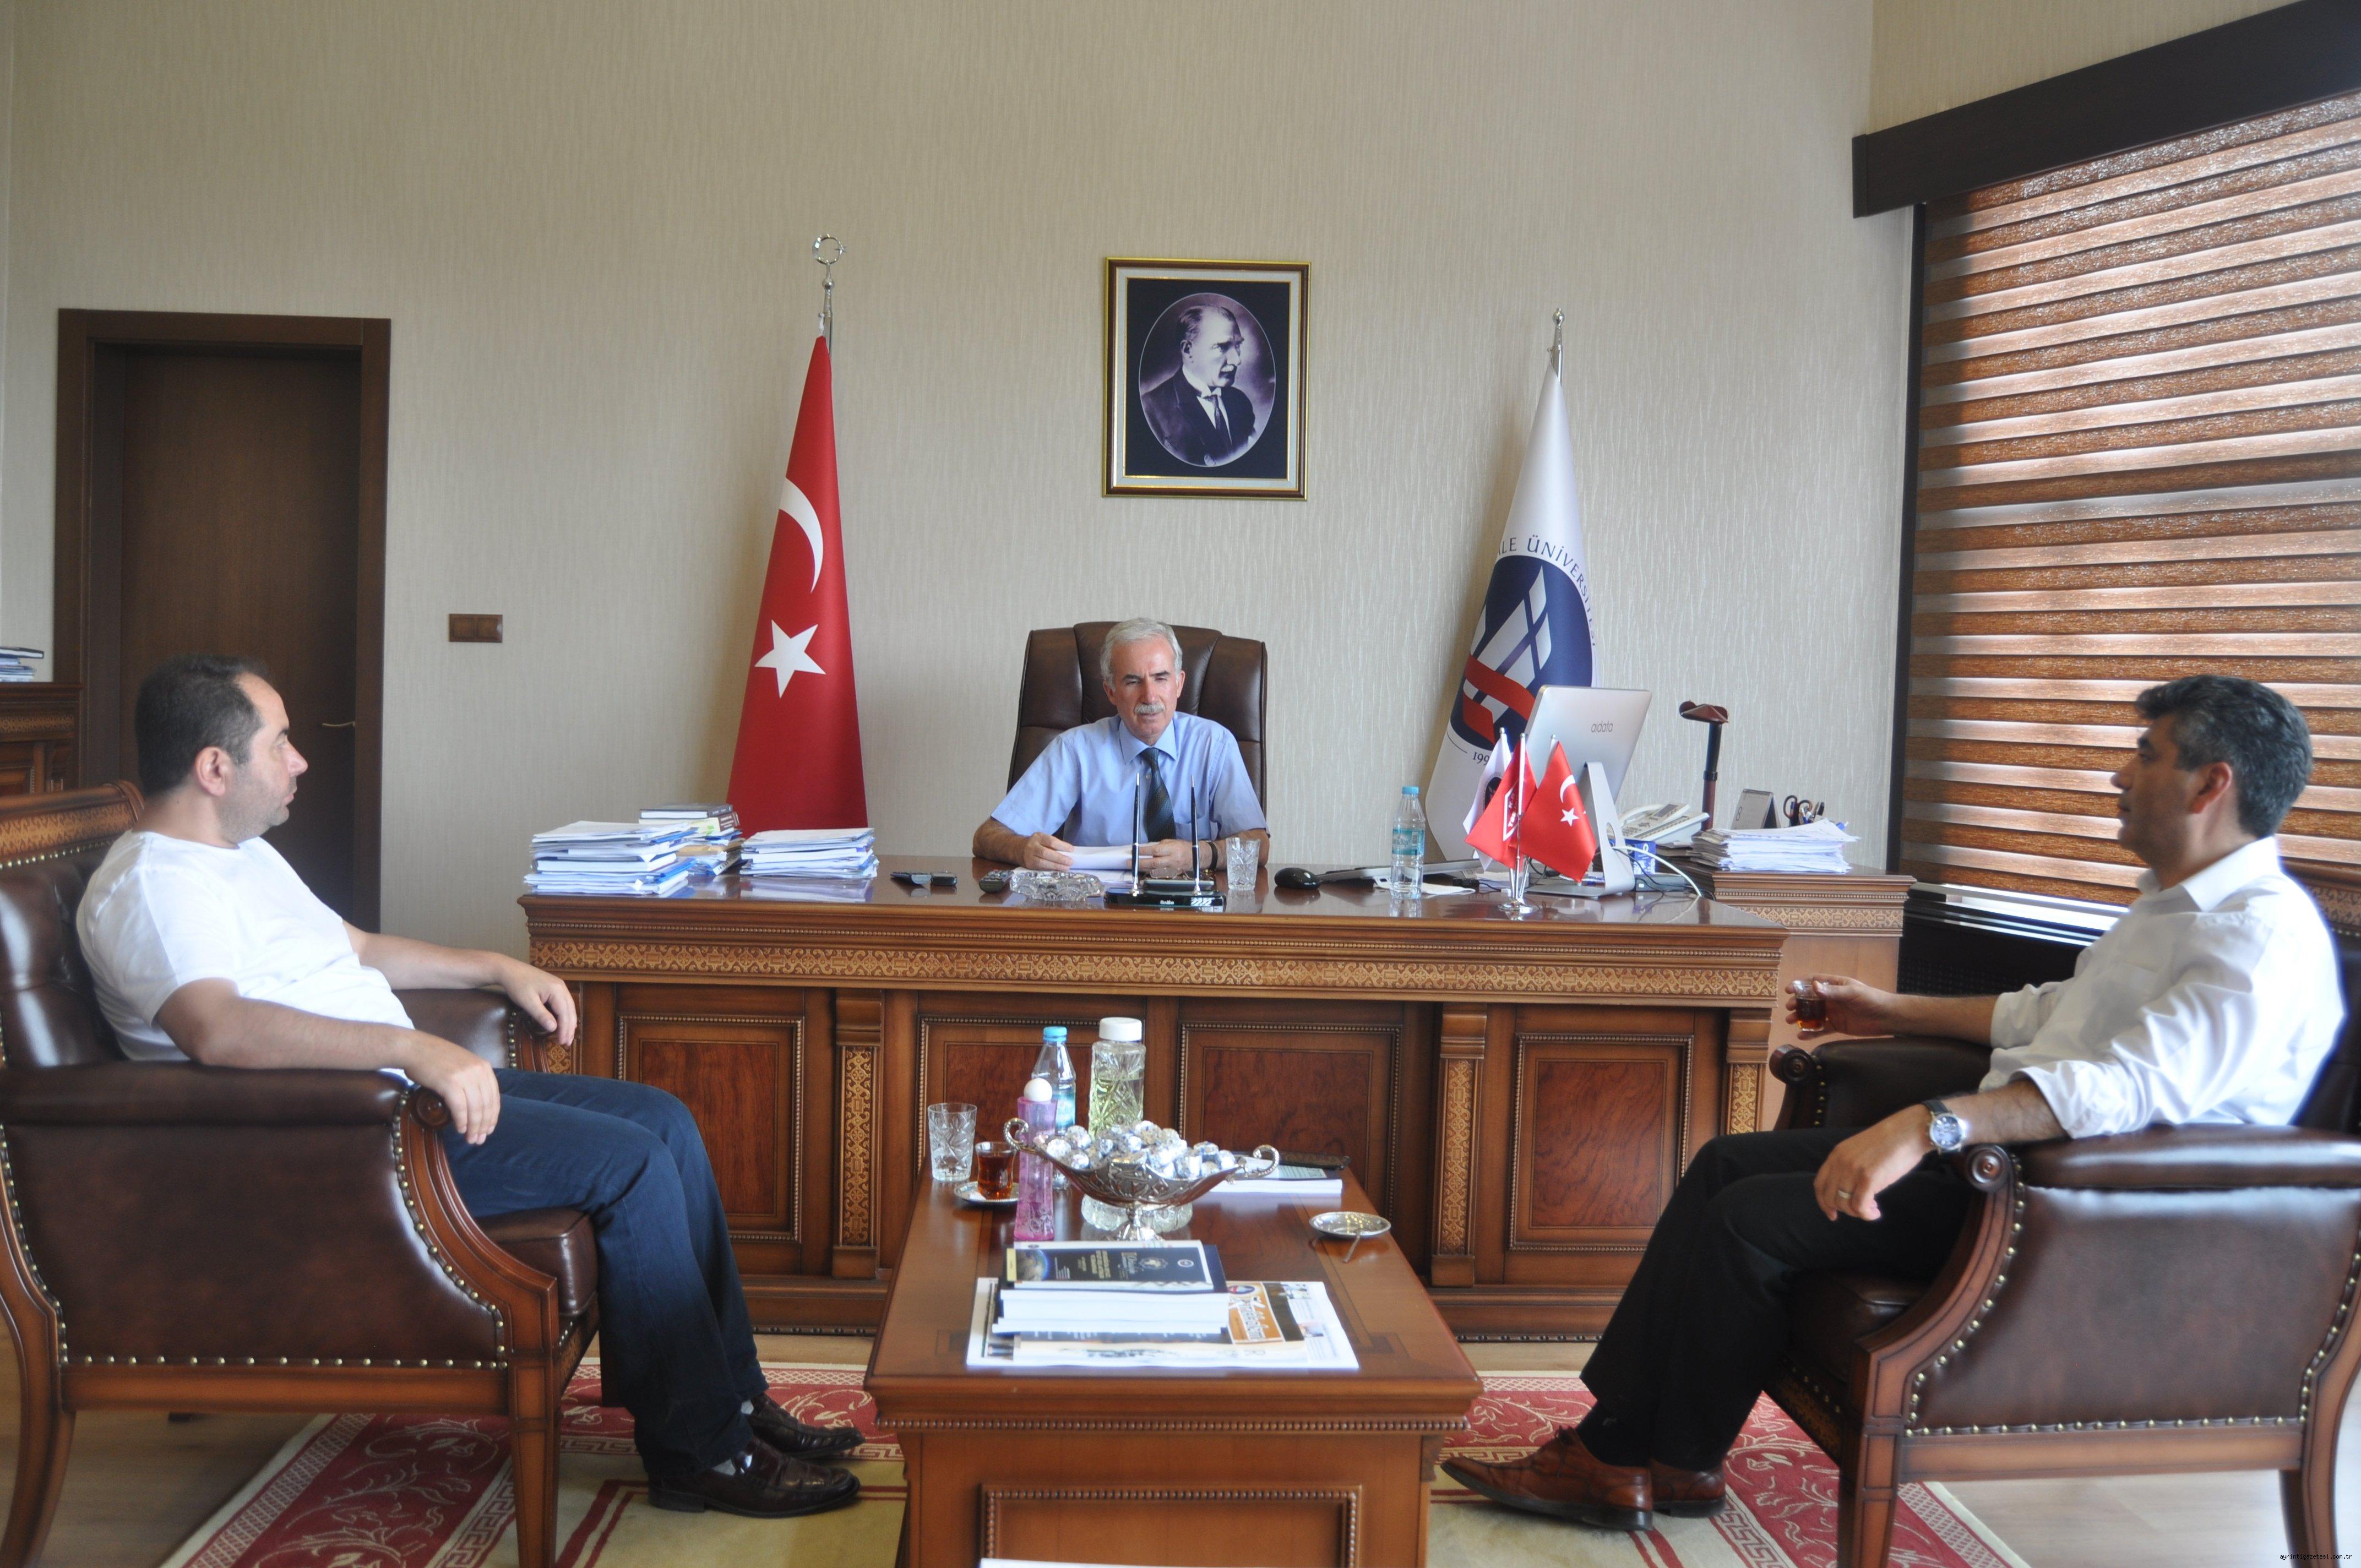 Türk Halkı tüm dünyaya ders verdi